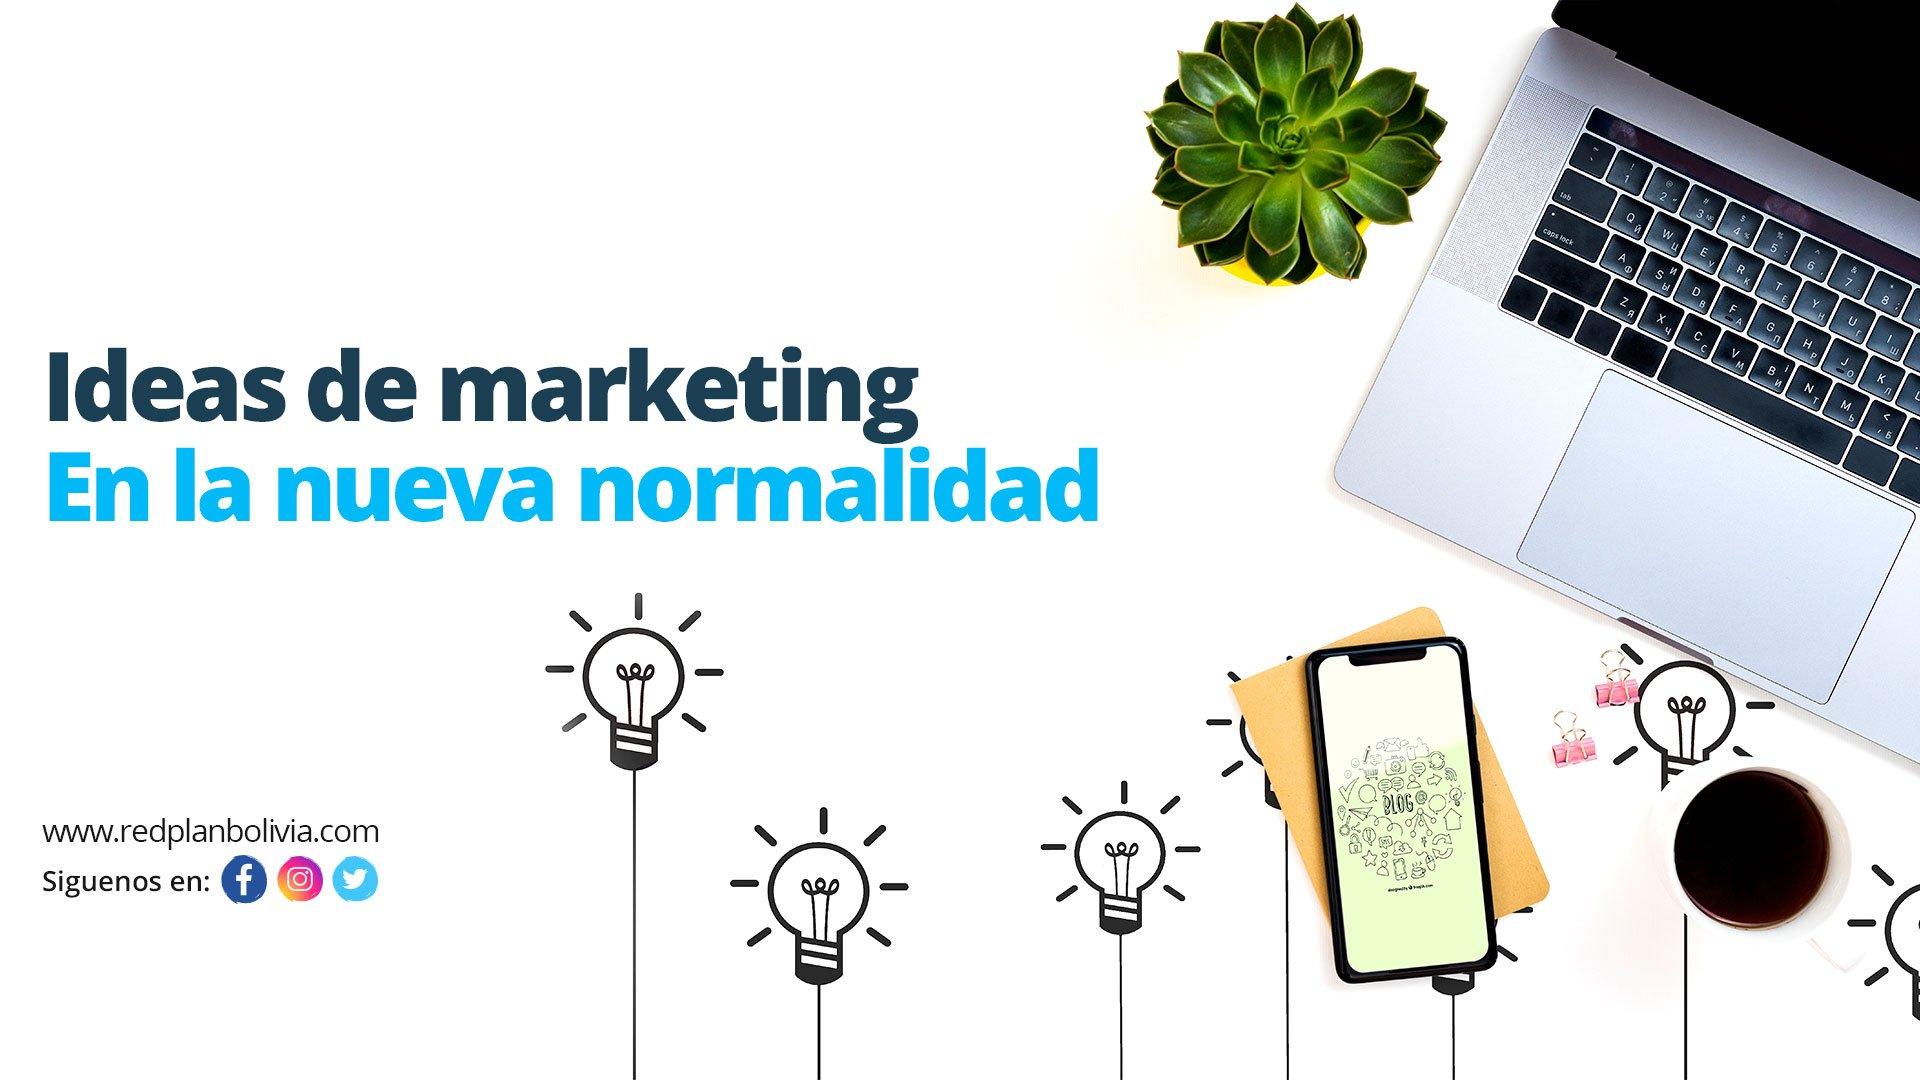 10 ideas de marketing para marcas en la nueva normalidad